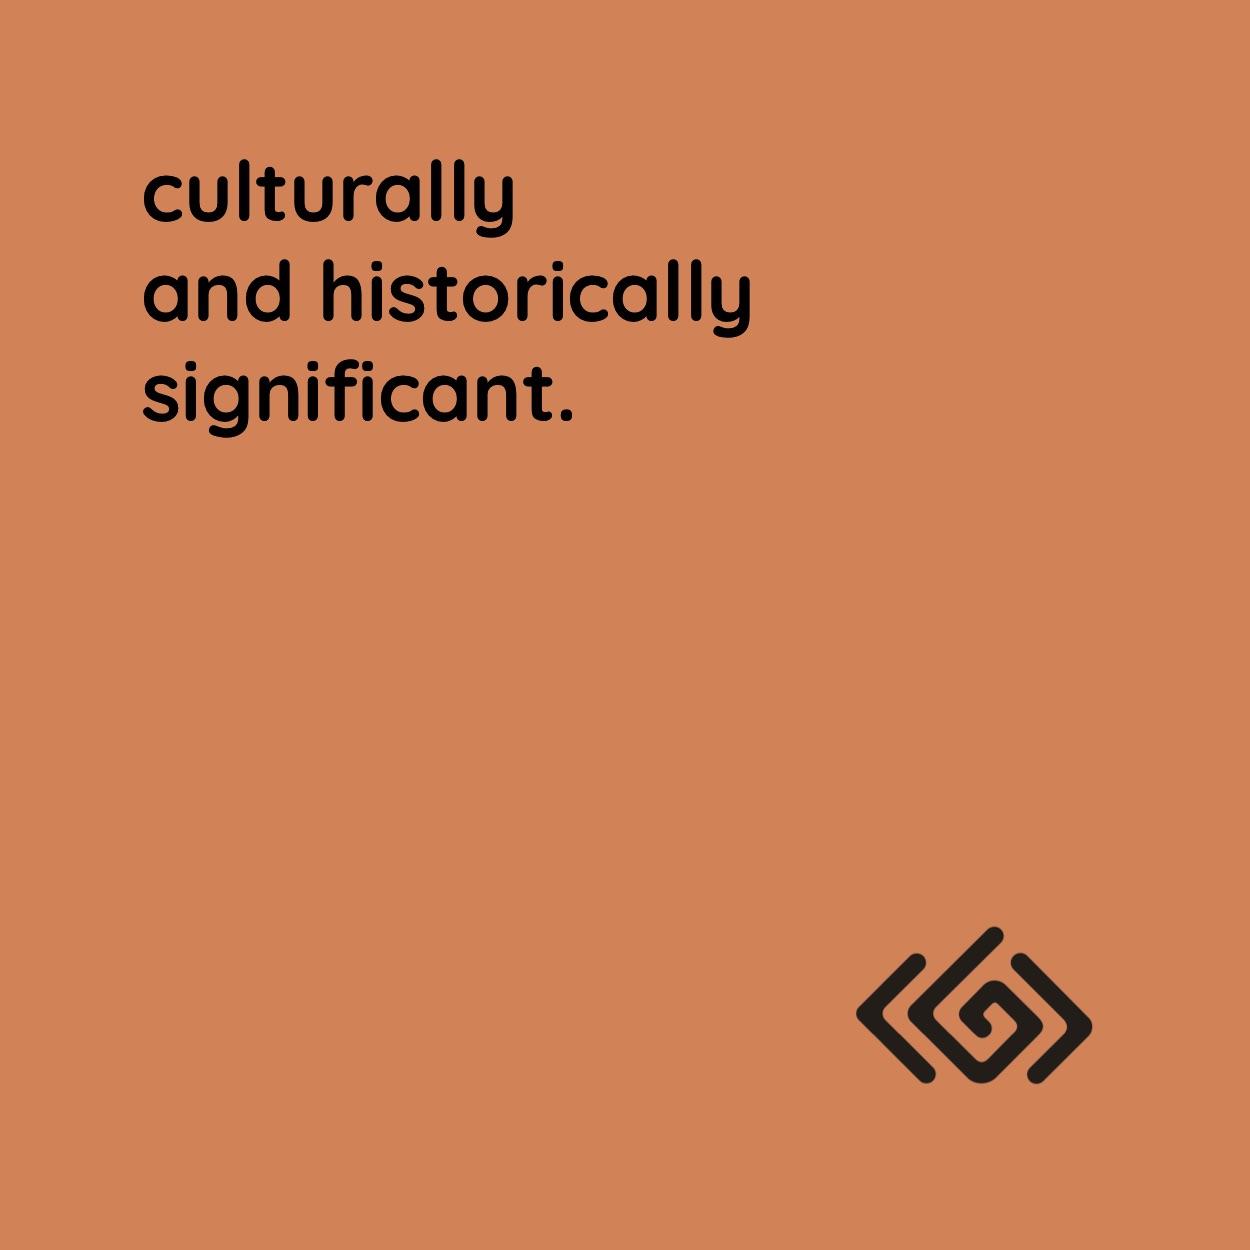 culturallyandhistorically.jpg